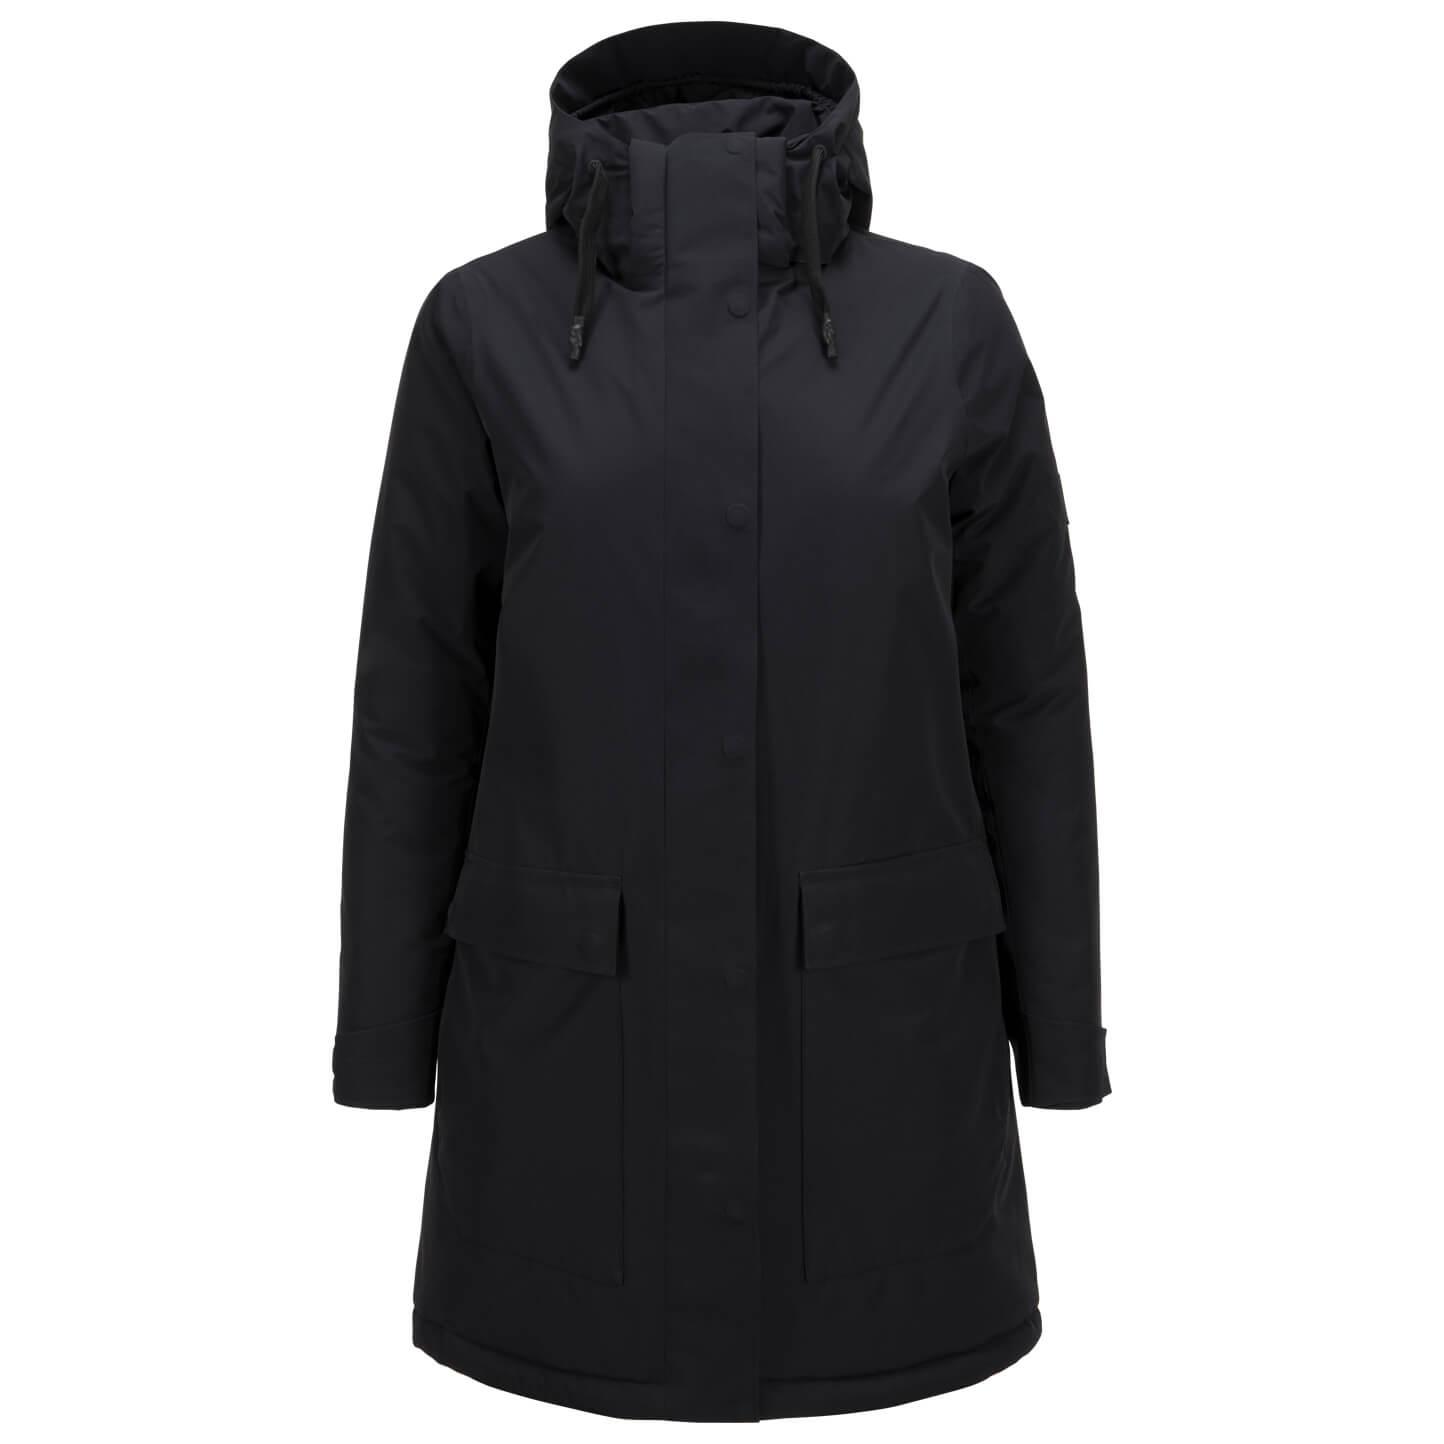 size 40 34328 61d9d Peak Performance Unit Jacket - Mantel Damen online kaufen ...